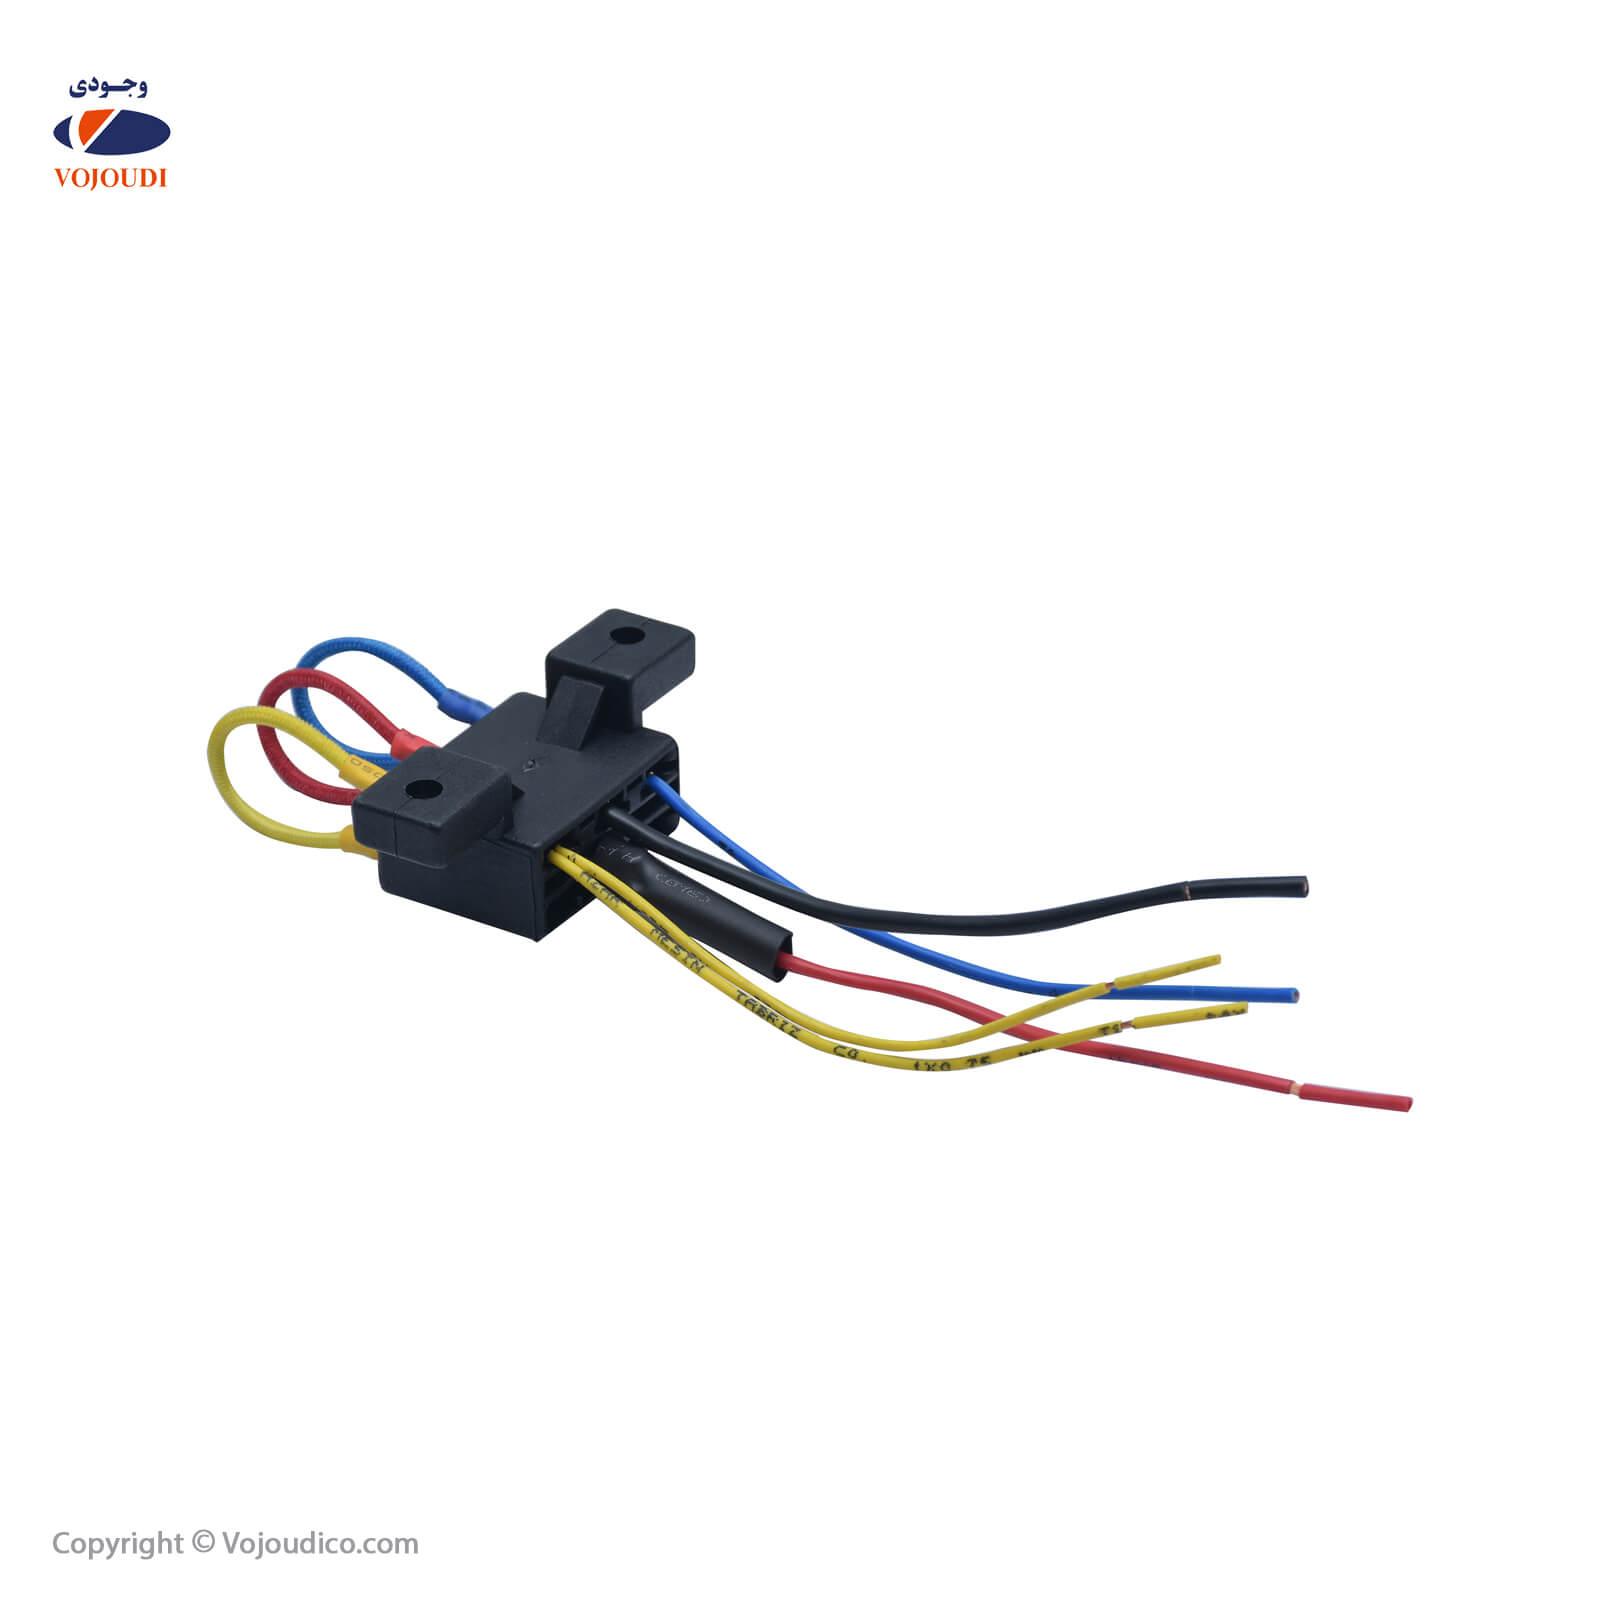 36364 1 - جعبه فیوز داخل موتور با سیم وجودی کد 36364 ، تعداد در بسته : 10 عدد